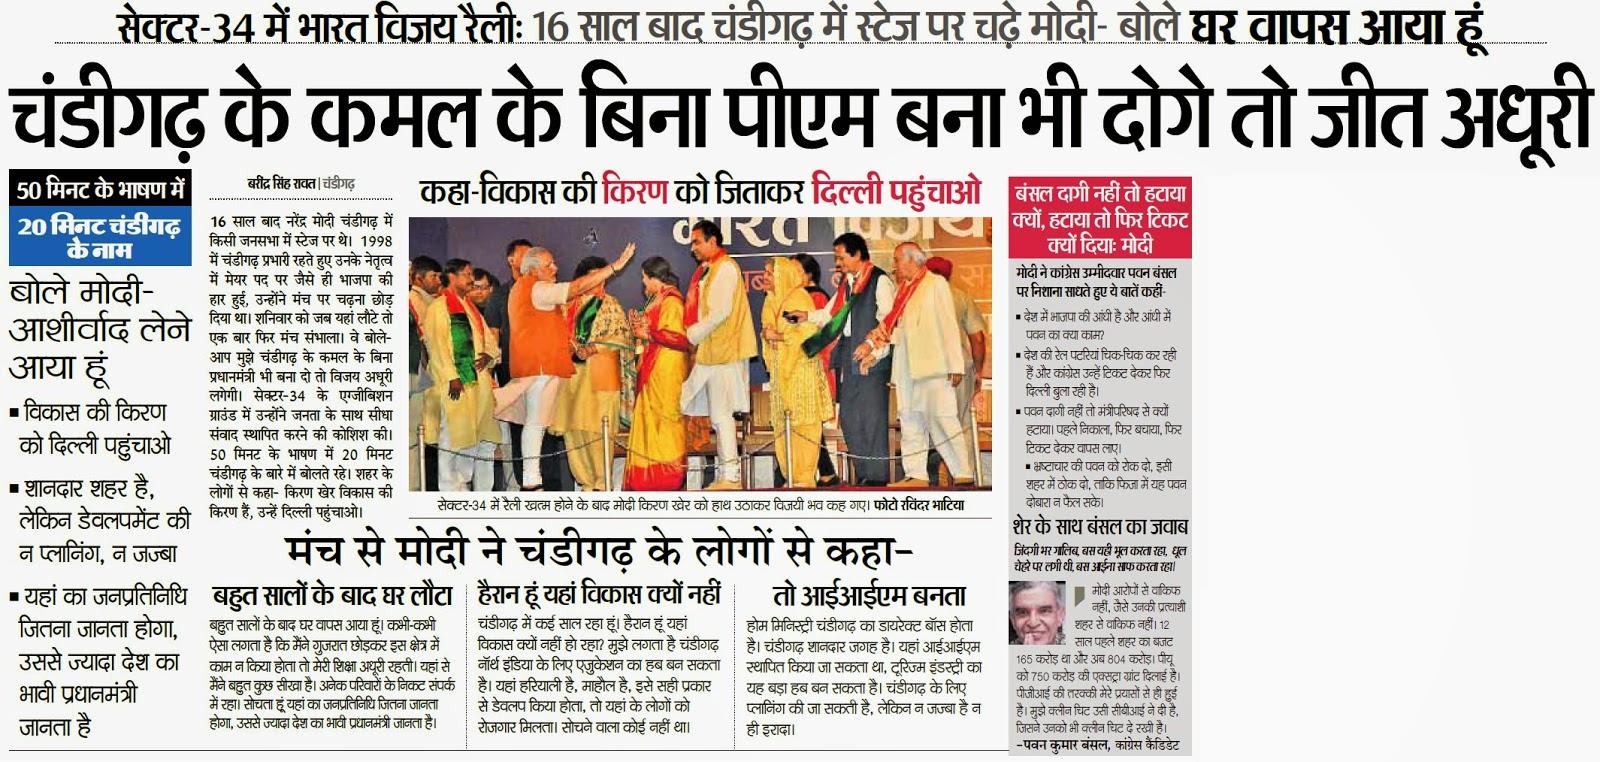 सेक्टर 34 में रैली खत्म होने के बाद मोदी किरण खेर को हाथ उठाकर विजयी भव कह गए। साथ में पूर्व सांसद सत्य पाल जैन व अन्य भाजपा नेता